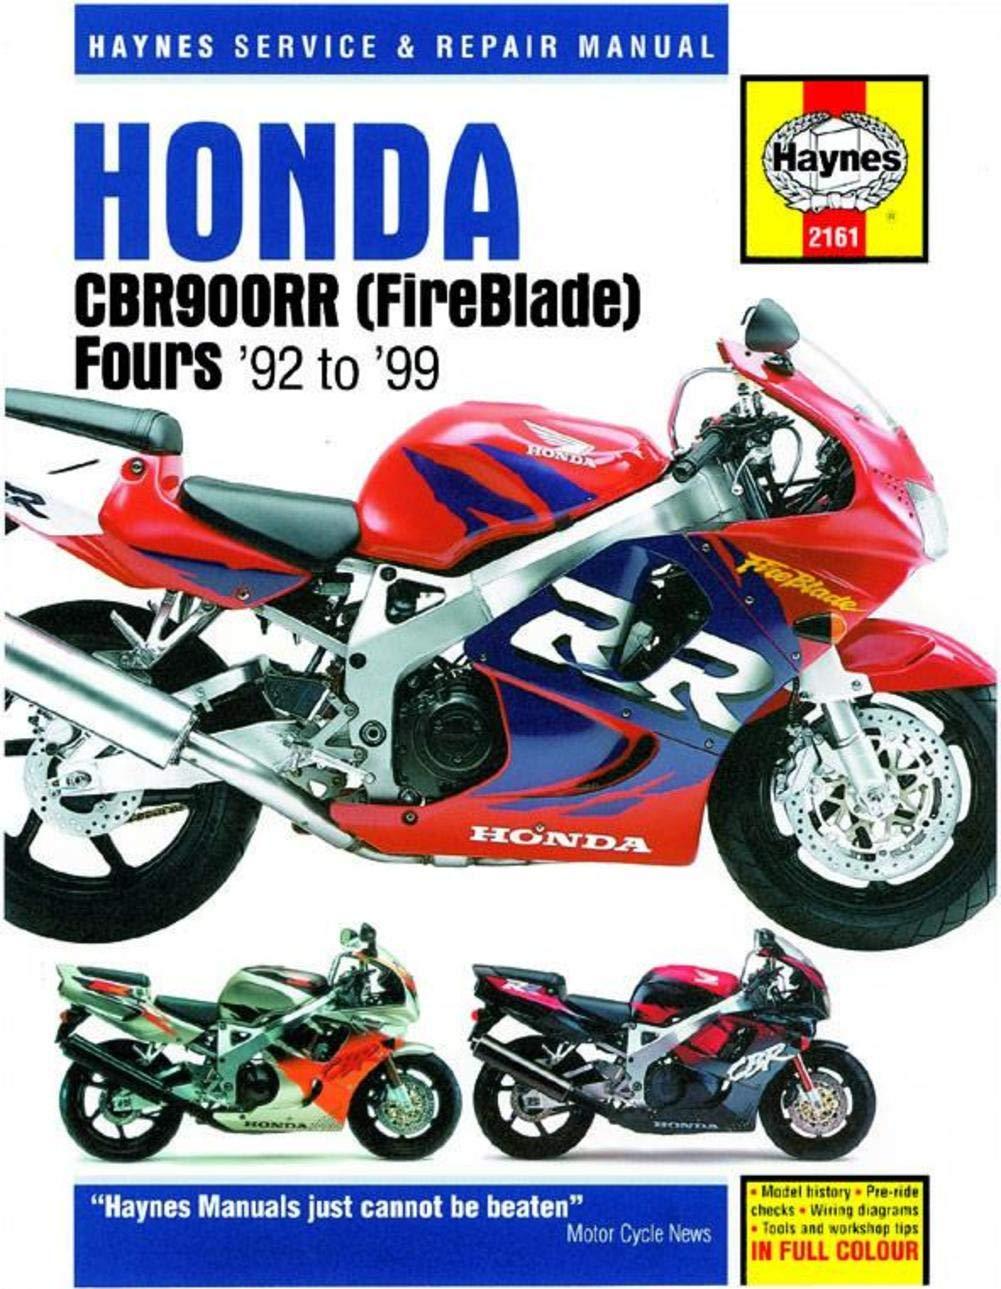 Haynes Manual 2161 HON.CBR900RR FIREBLADE 92-99 0243387